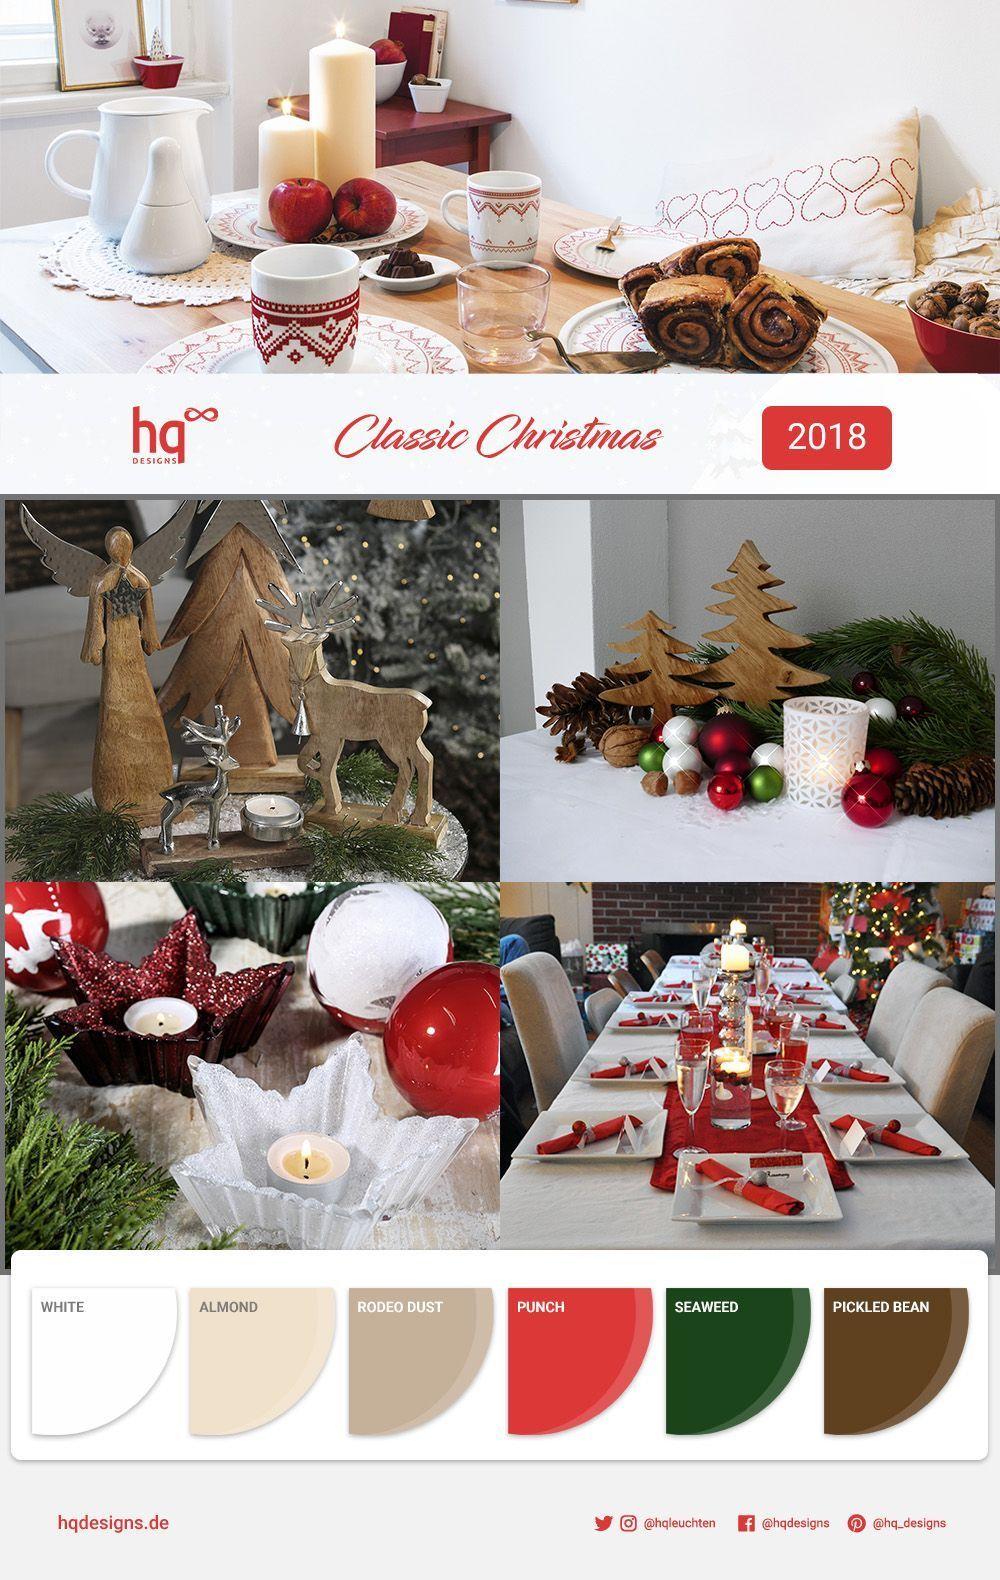 Trendfarben Weihnachten 2018 : trendfarben f r weihnachten 2018 mit ausblick auf 2019 weihnachten farbtrends und dekoideen ~ A.2002-acura-tl-radio.info Haus und Dekorationen